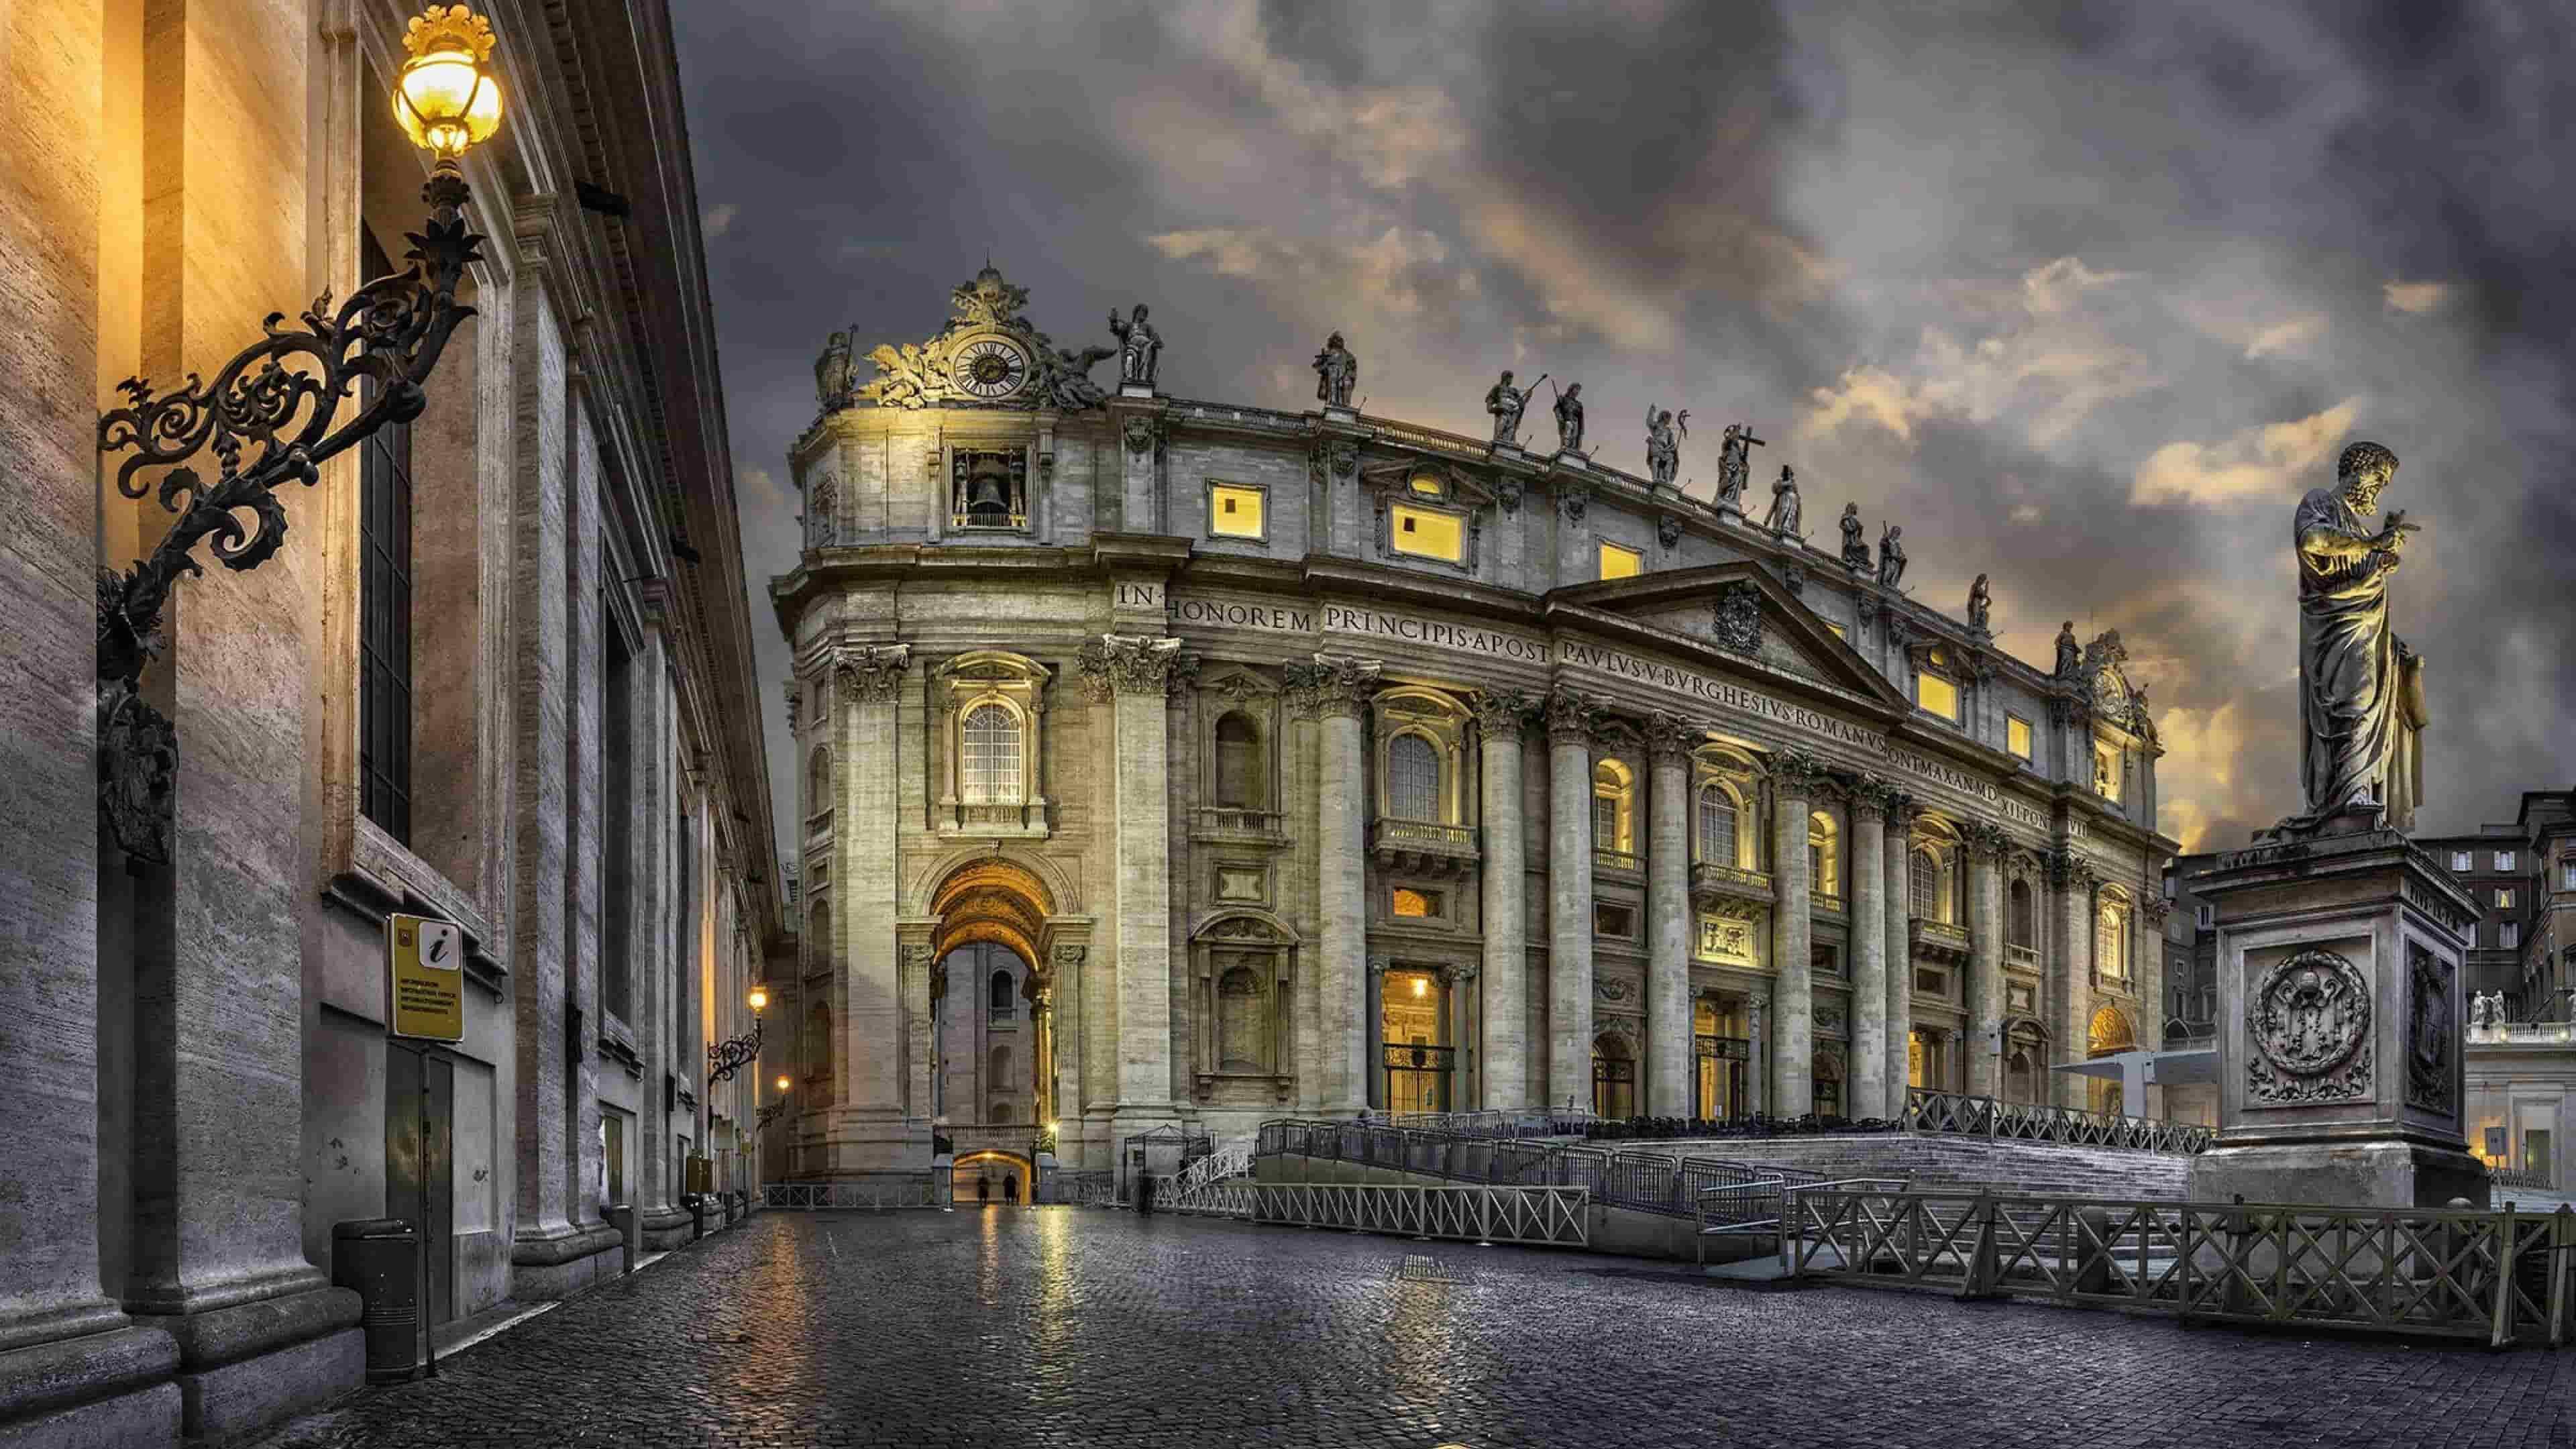 Renaissance architecture 16